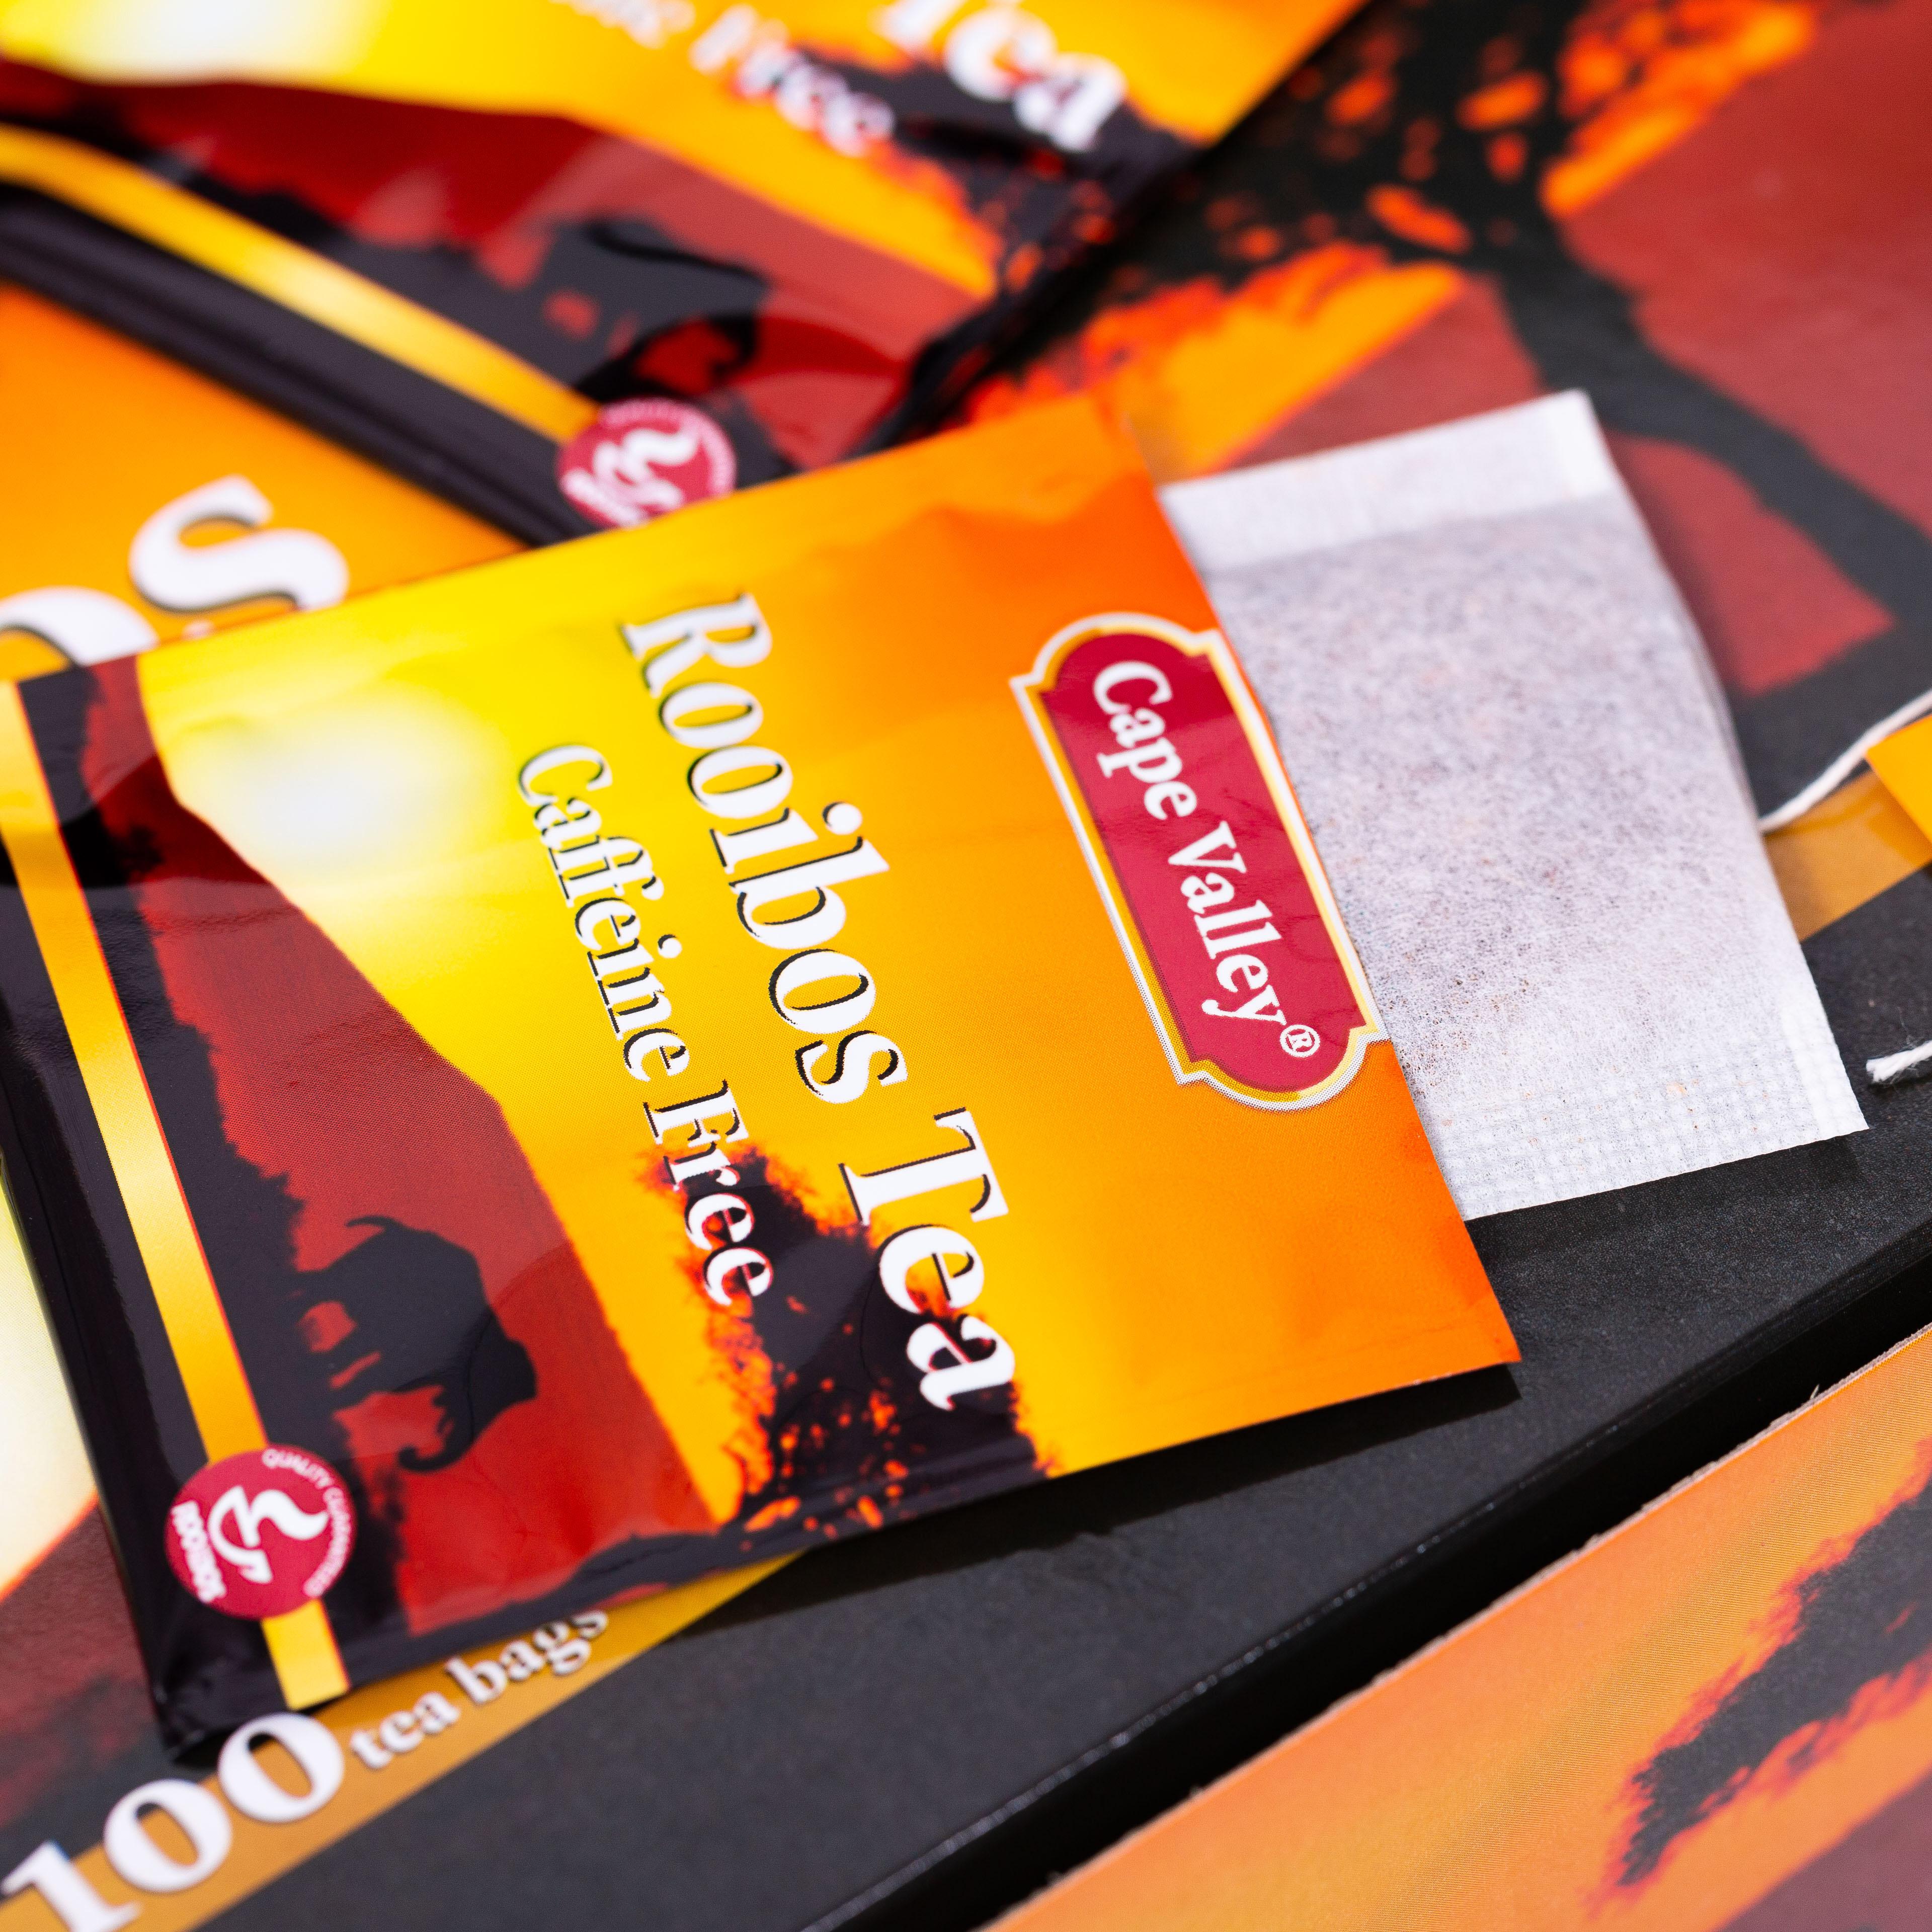 「可以喝的神仙水」开普山谷南非博士茶 Rooibos路易波士国宝红茶无咖啡因 美容养颜  0卡路里 无糖分  孕妇可喝100袋/盒 商品图3